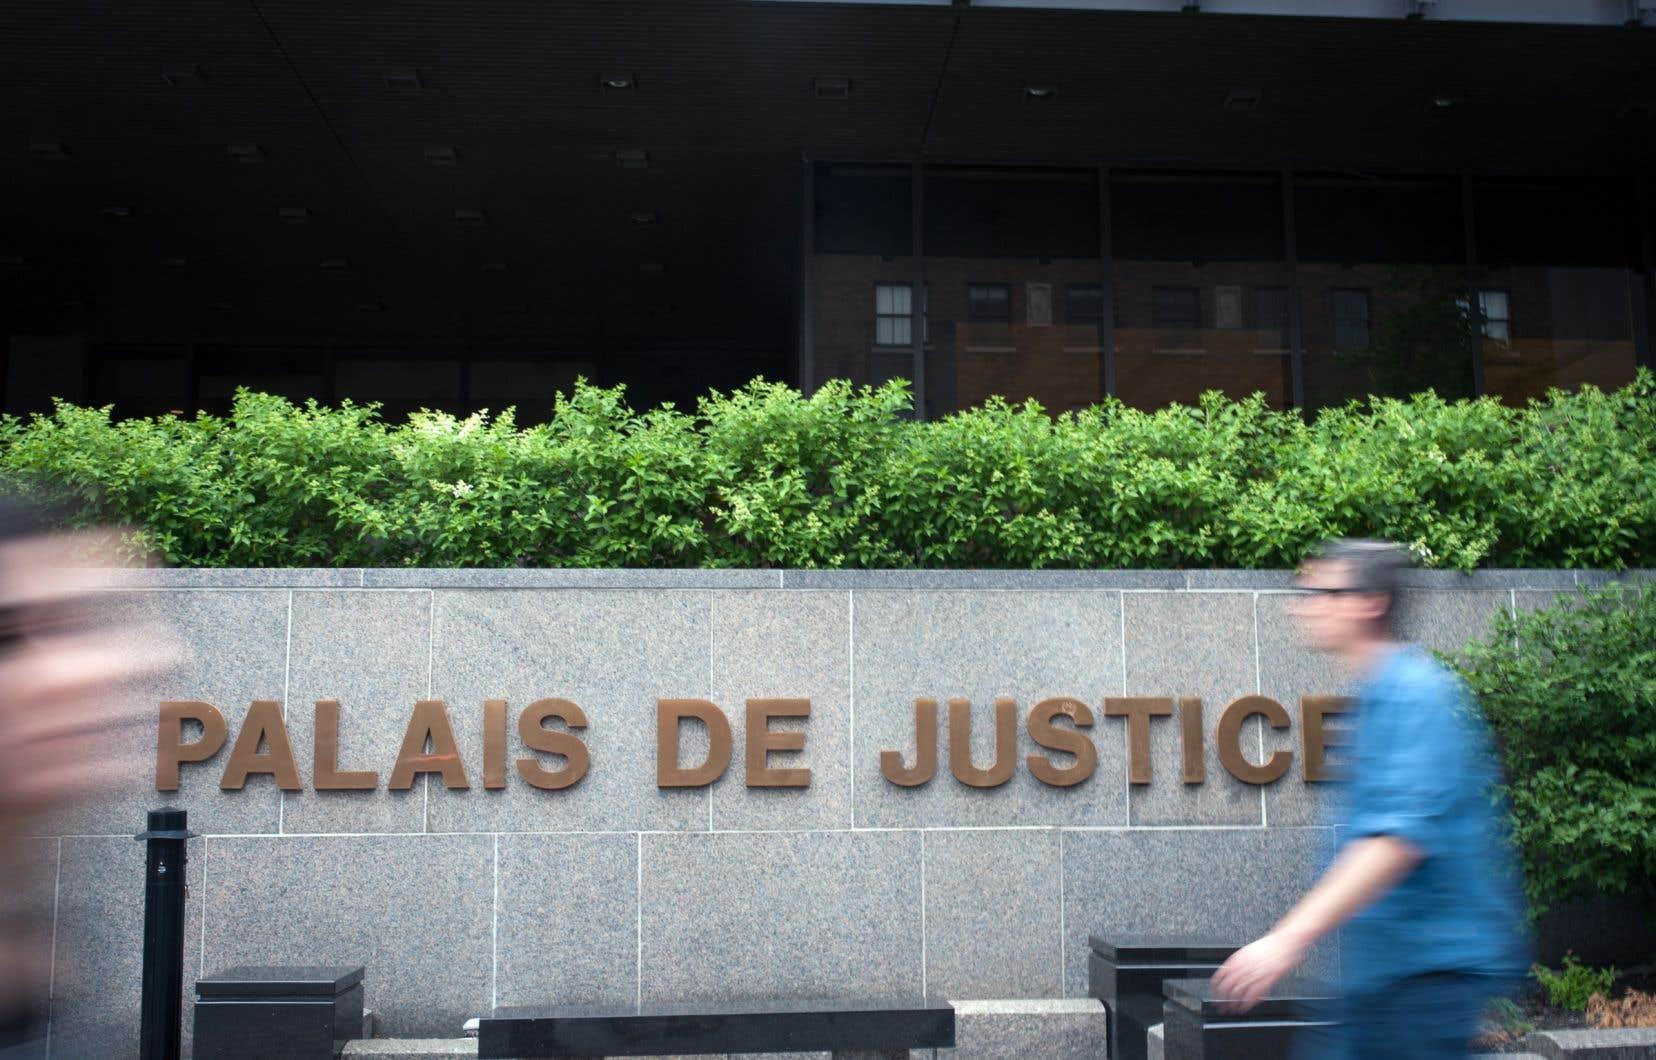 Près de 75% des Québécois affirment qu'ils n'auraient pas l'argent nécessaire pour avoir accès à la justice civile. Les citoyens paient pour un système de justice auquel ils ne peuvent avoir accès, déplorent les auteurs.